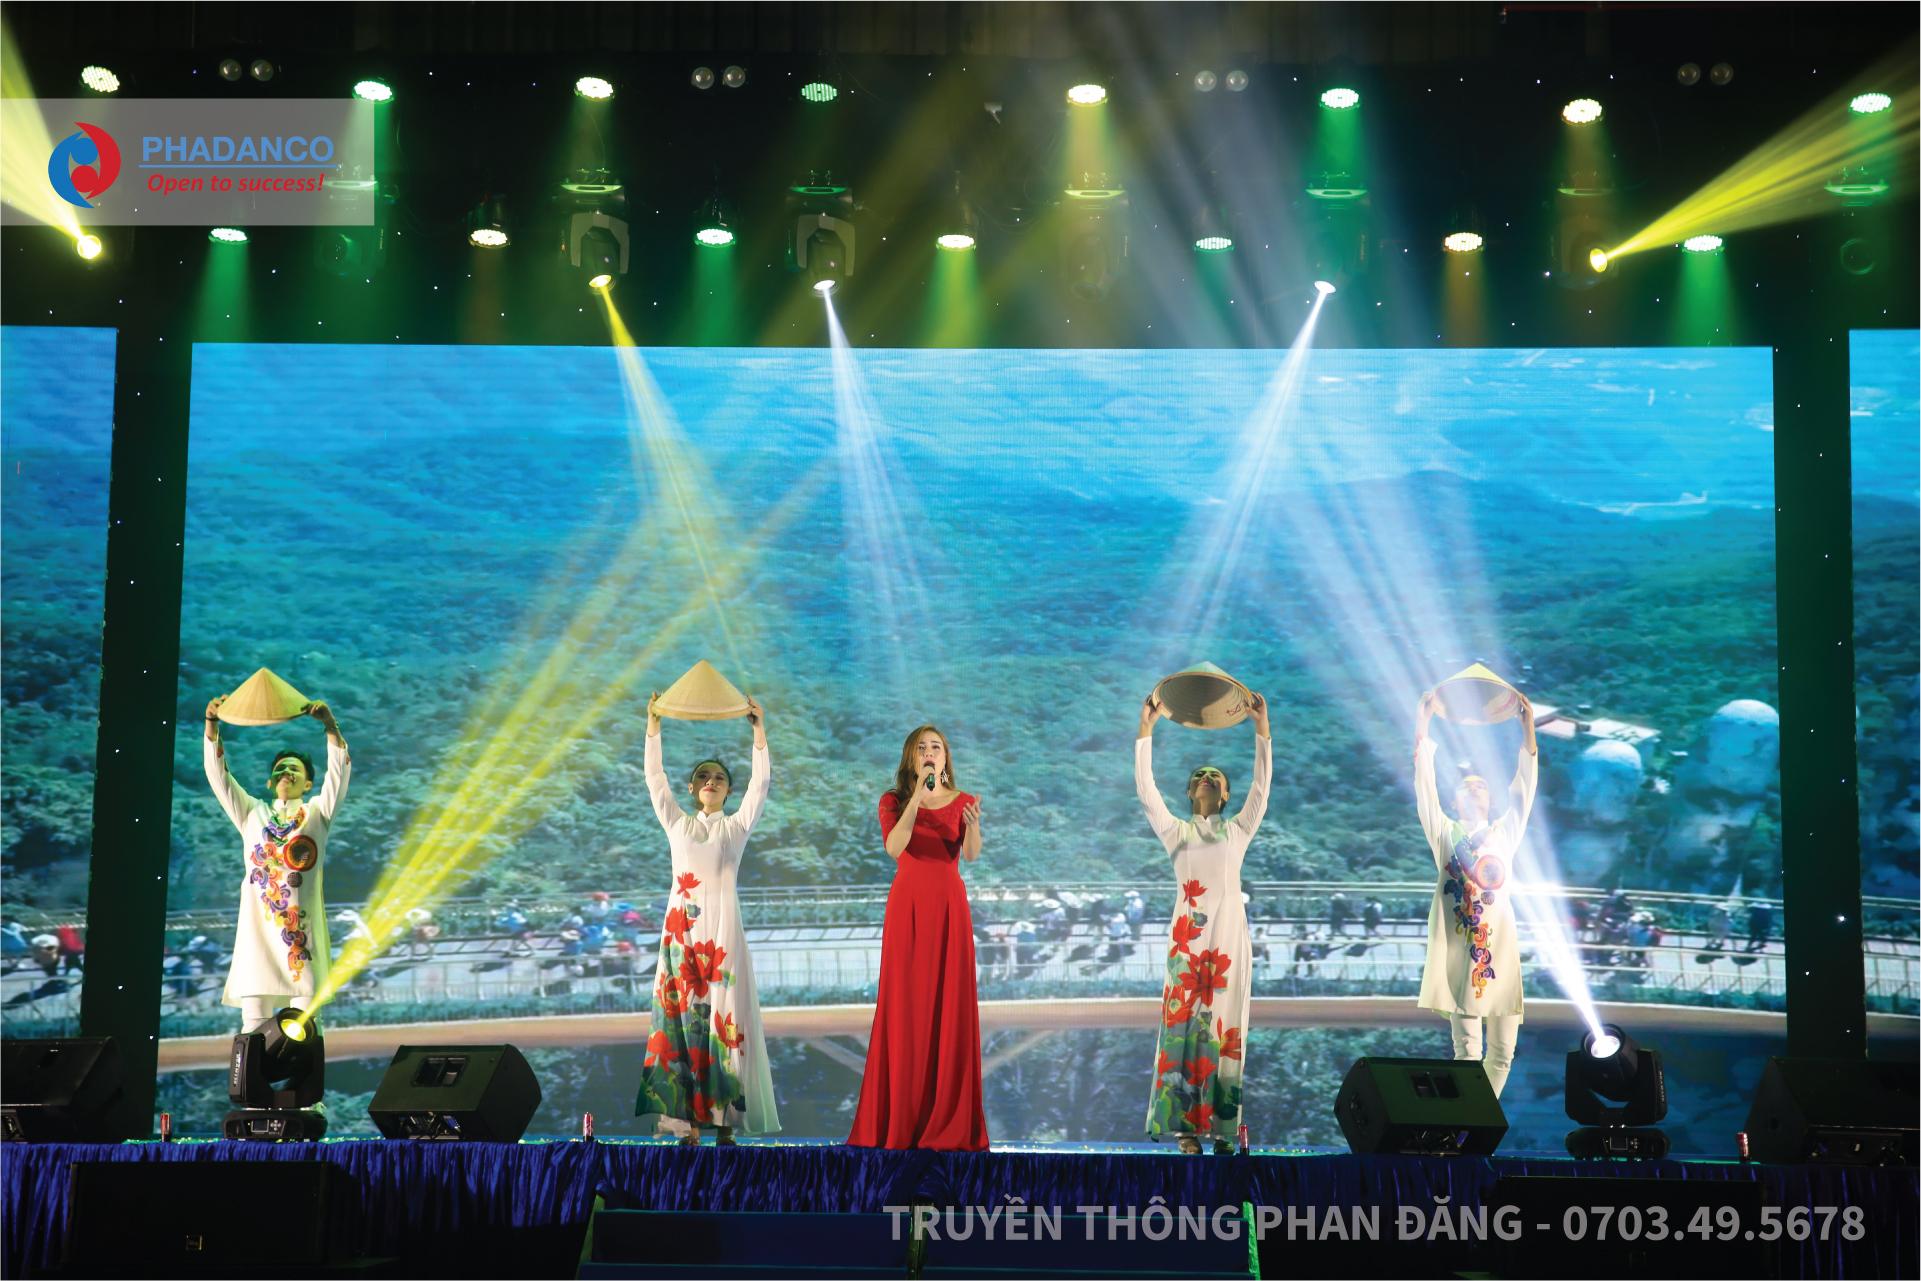 Những tiết mục chào mừng mang đạm văn hoá Việt Nam